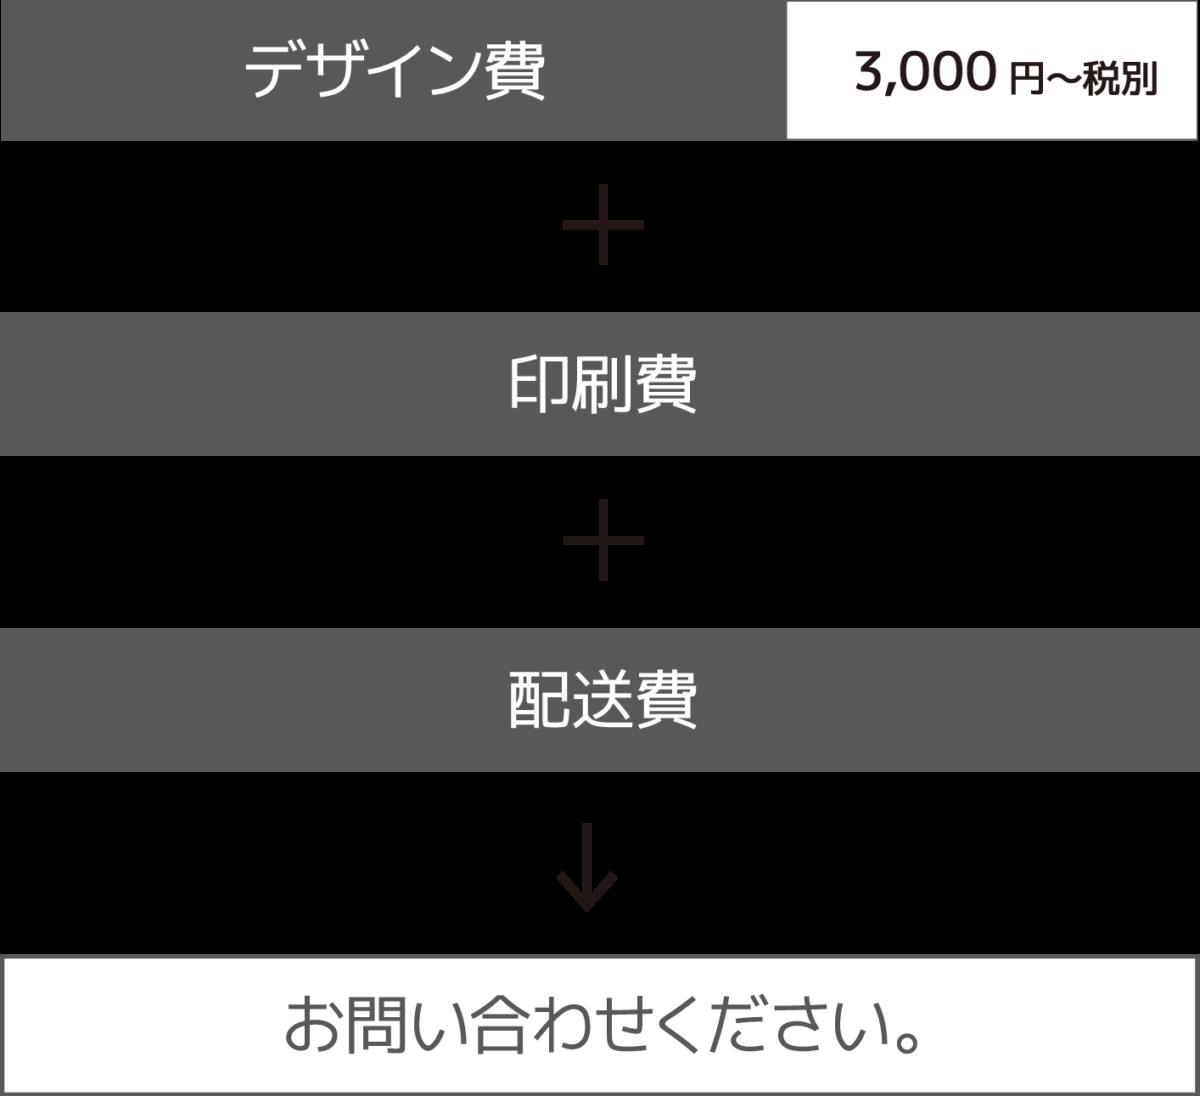 デザイン費3,000円〜税別 + 印刷費 + 配送費 → お問い合わせください。